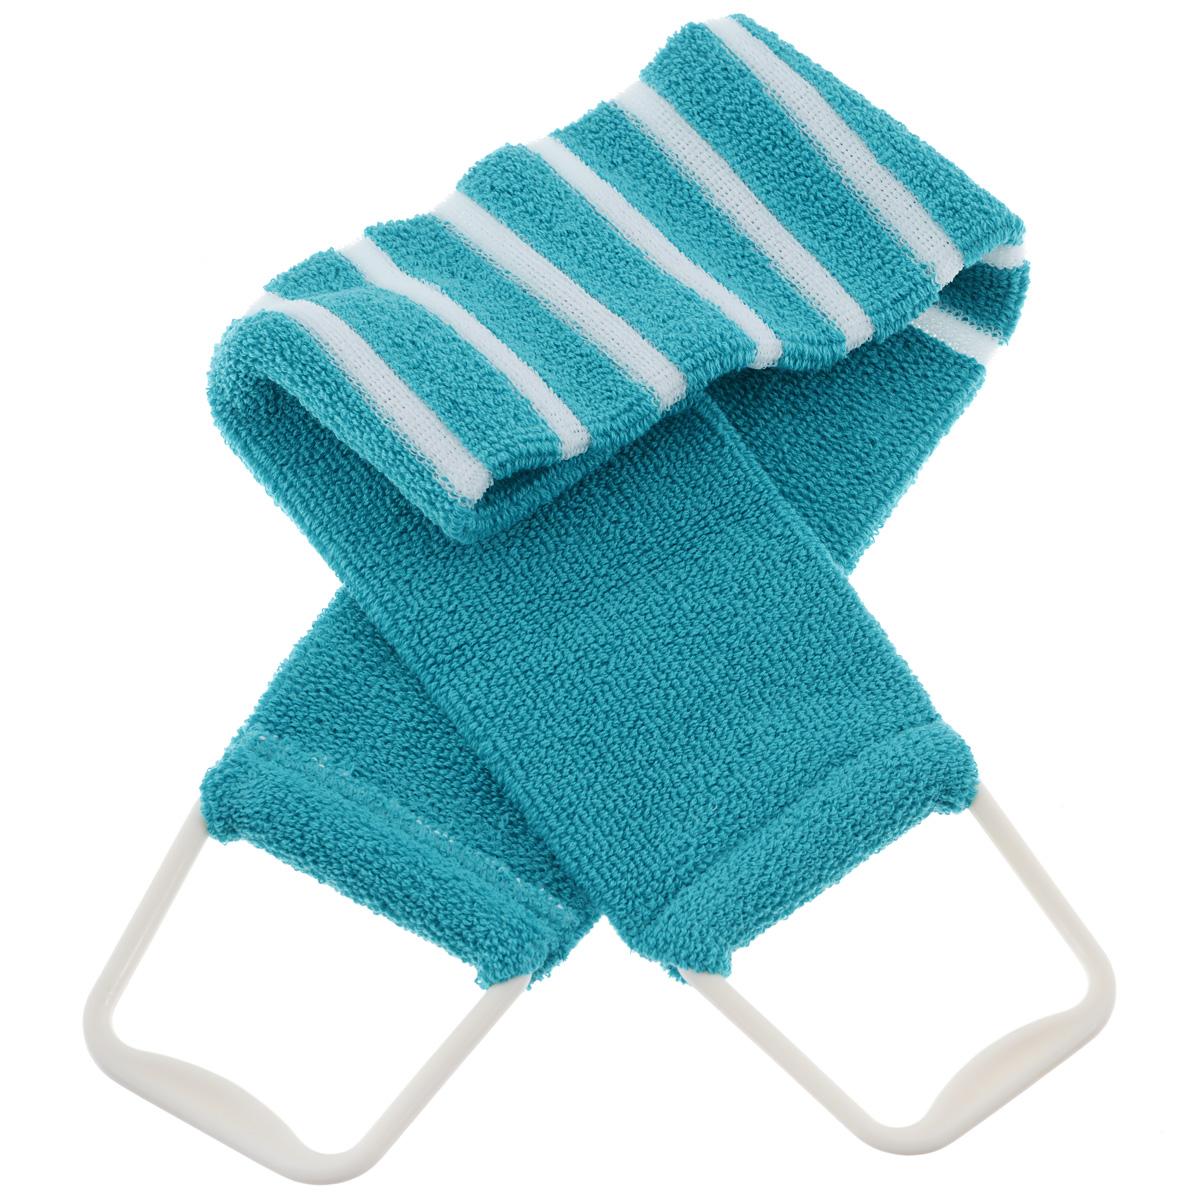 Мочалка 426, цвет: бирюзовый5010777139655Мочалка-пояс Riffi применяется для мытья тела, обладает активным пилинговым действием, тонизируя, массируя и эффективно очищая вашу кожу. Мягкая хлопковая мочалка-пояс хорошо намыливает тело, а ее цветные полоски из жесткой полиэтиленовой махры эффективно удаляют отмершие чешуйки кожи, производя одновременно с пилингом и легкий массаж. Для удобства применения пояс снабжен двумя пластиковыми ручками. Благодаря отшелушивающему эффекту мочалки-пояса, кожа освобождается от отмерших клеток, становится гладкой, упругой и свежей. Интенсивный и пощипывающе свежий массаж тела с применением Riffi стимулирует кровообращение, активирует кровоснабжение, способствует обмену веществ, что в свою очередь позволяет себя чувствовать бодрым и отдохнувшим после принятия душа или ванны. Riffi регенерирует кожу, делает ее приятно нежной, мягкой и лучше готовой к принятию косметических средств. Приносит приятное расслабление всему организму. Борется со спазмами и болями в мышцах, предупреждает образование целлюлита и обеспечивает омолаживающий эффект. Гипоаллергенная.